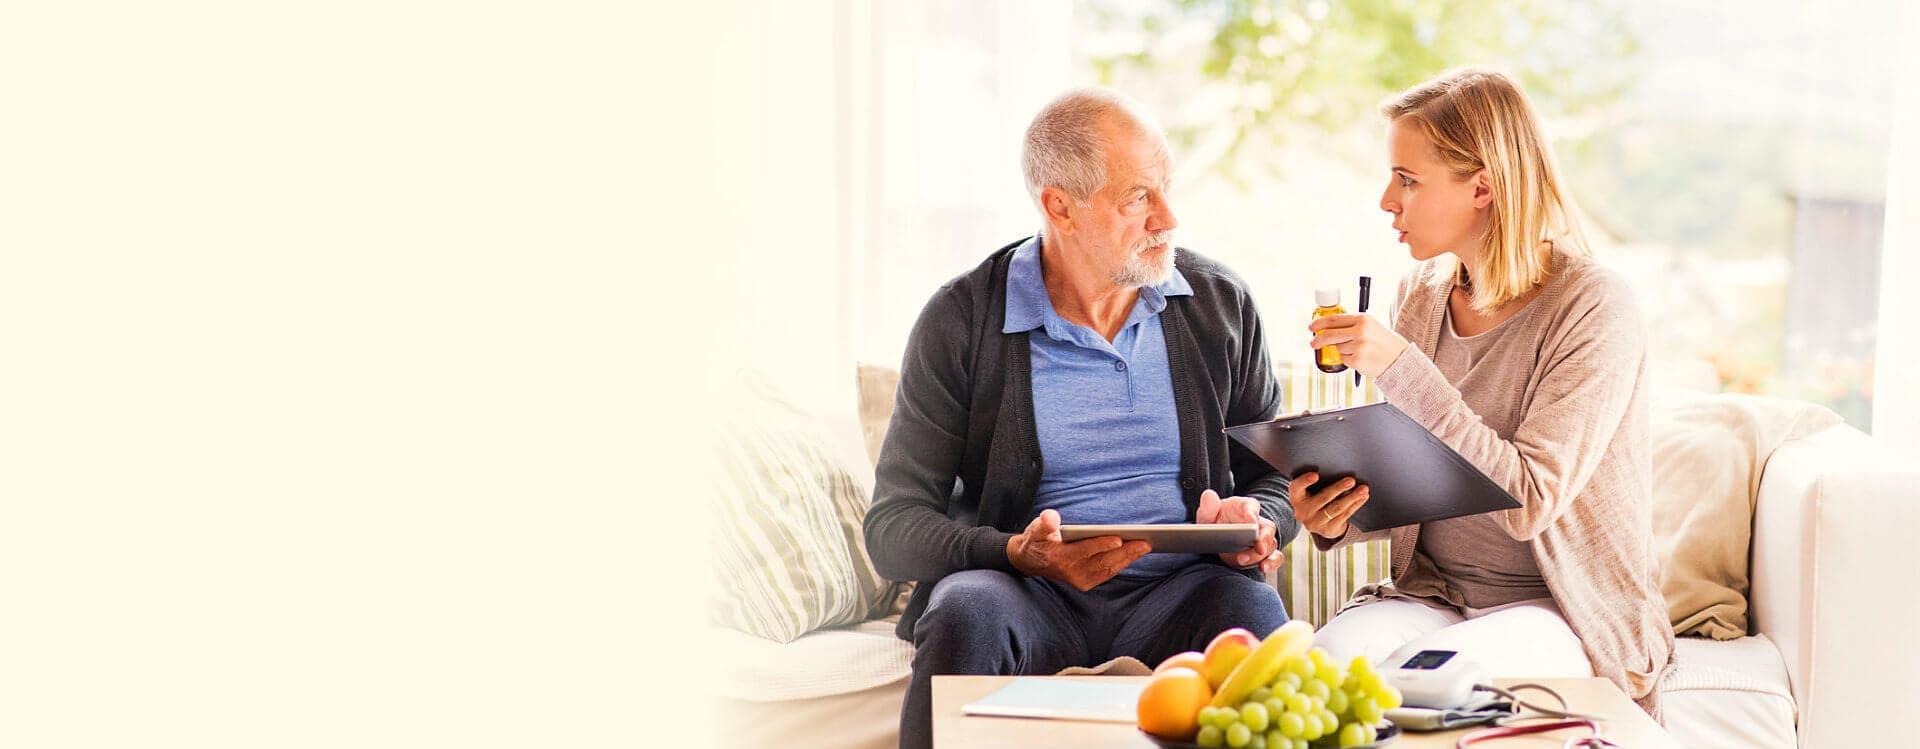 caregiver helping elder man on medicine dossage concept